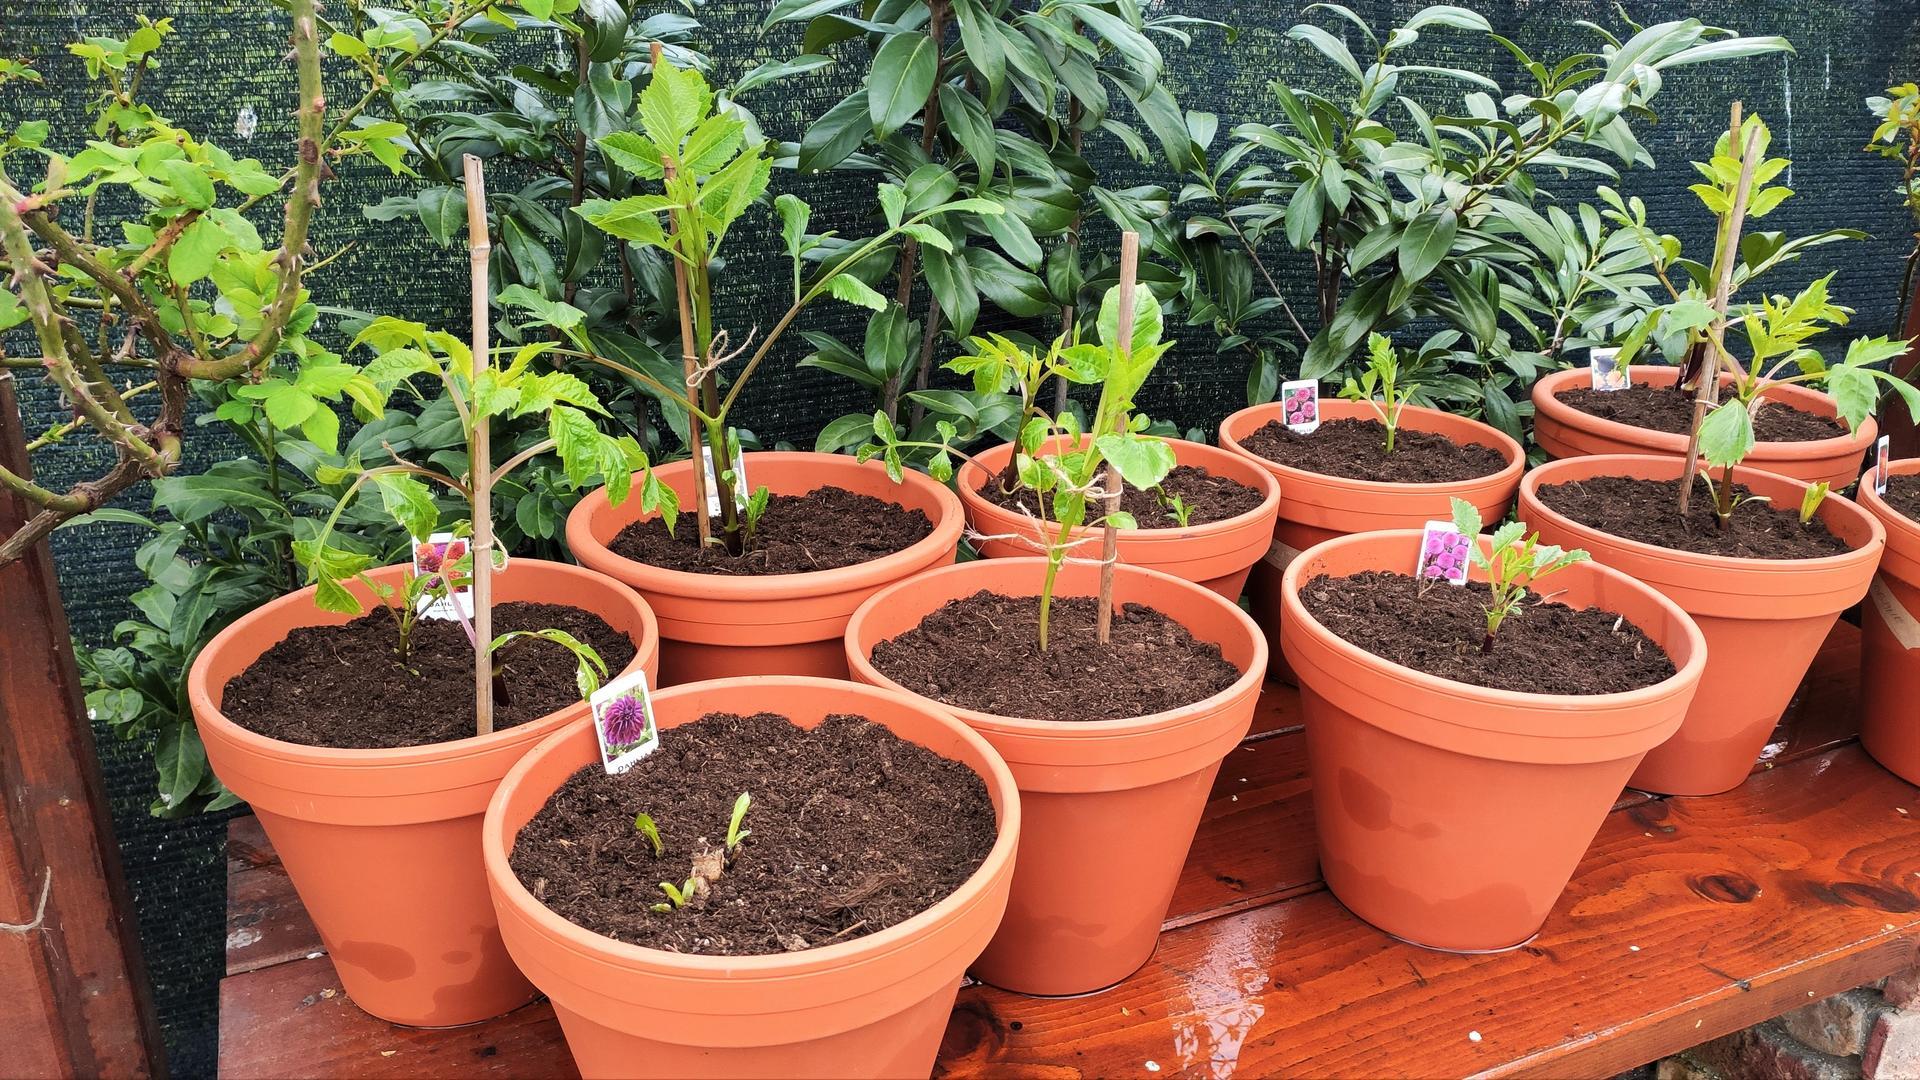 Dahlie - pestovanie v kvetináčoch - Obrázok č. 2